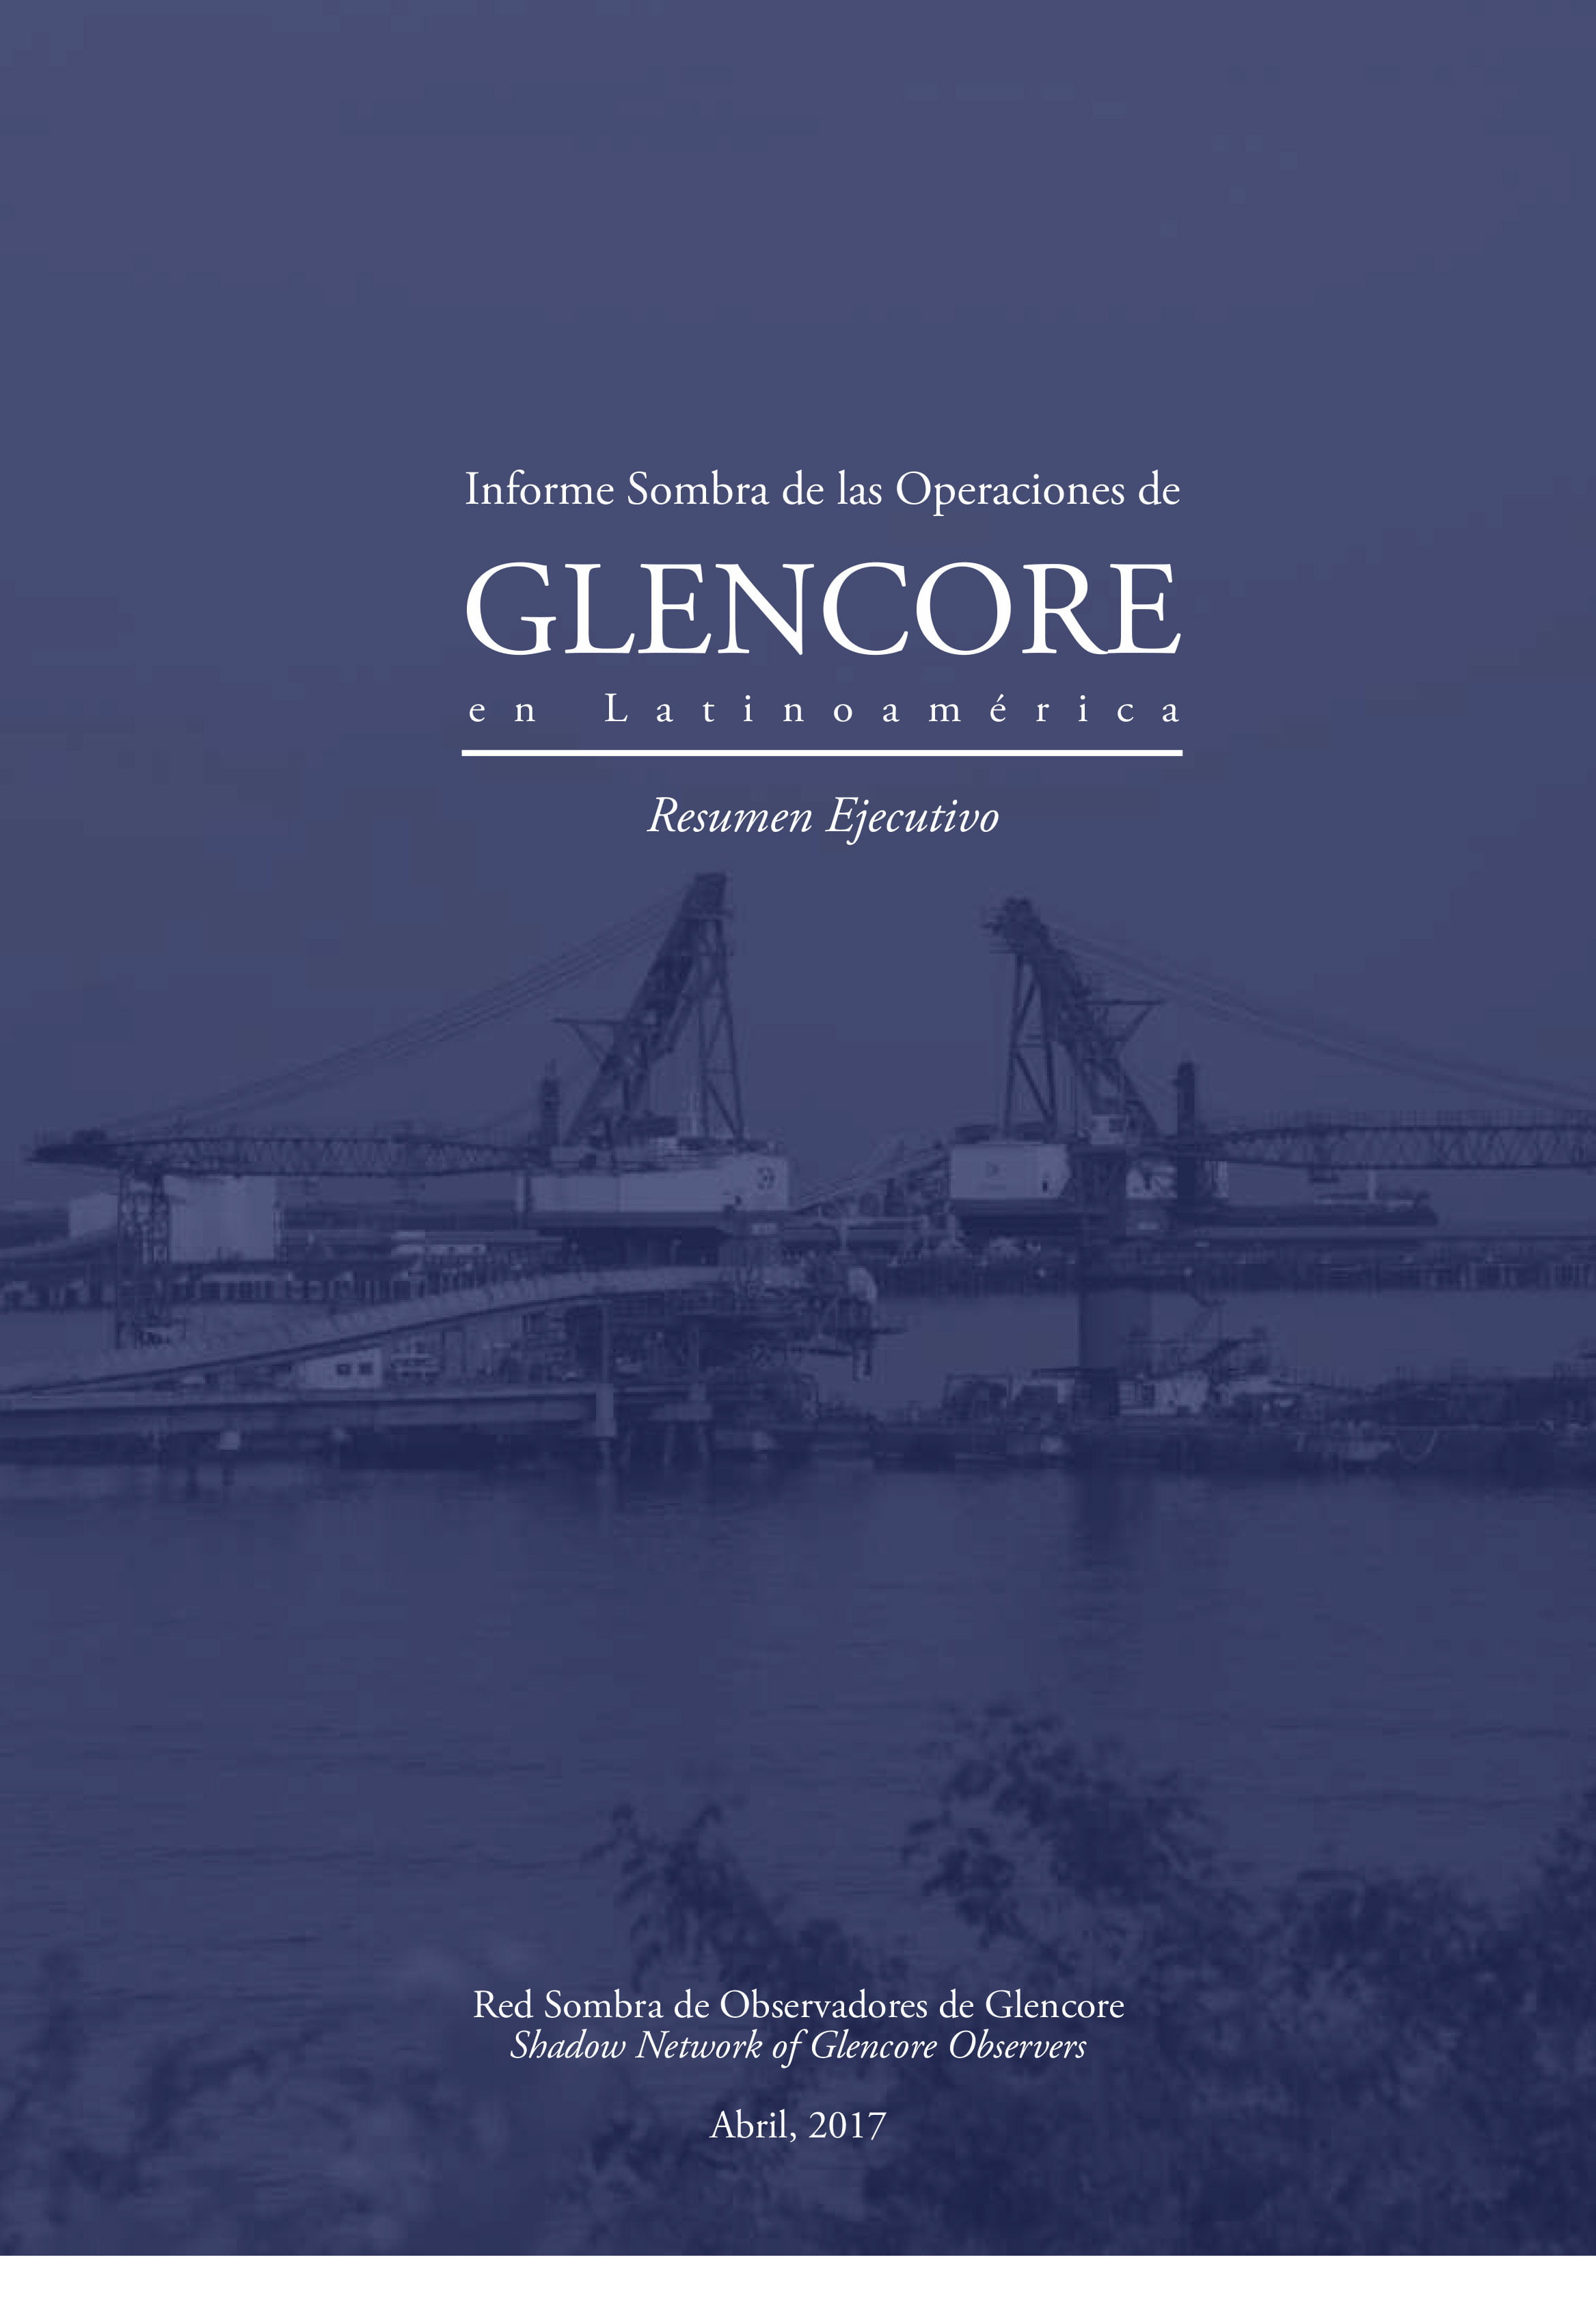 Informe Sombra sobre las operaciones de Glencore en Latinoamérica